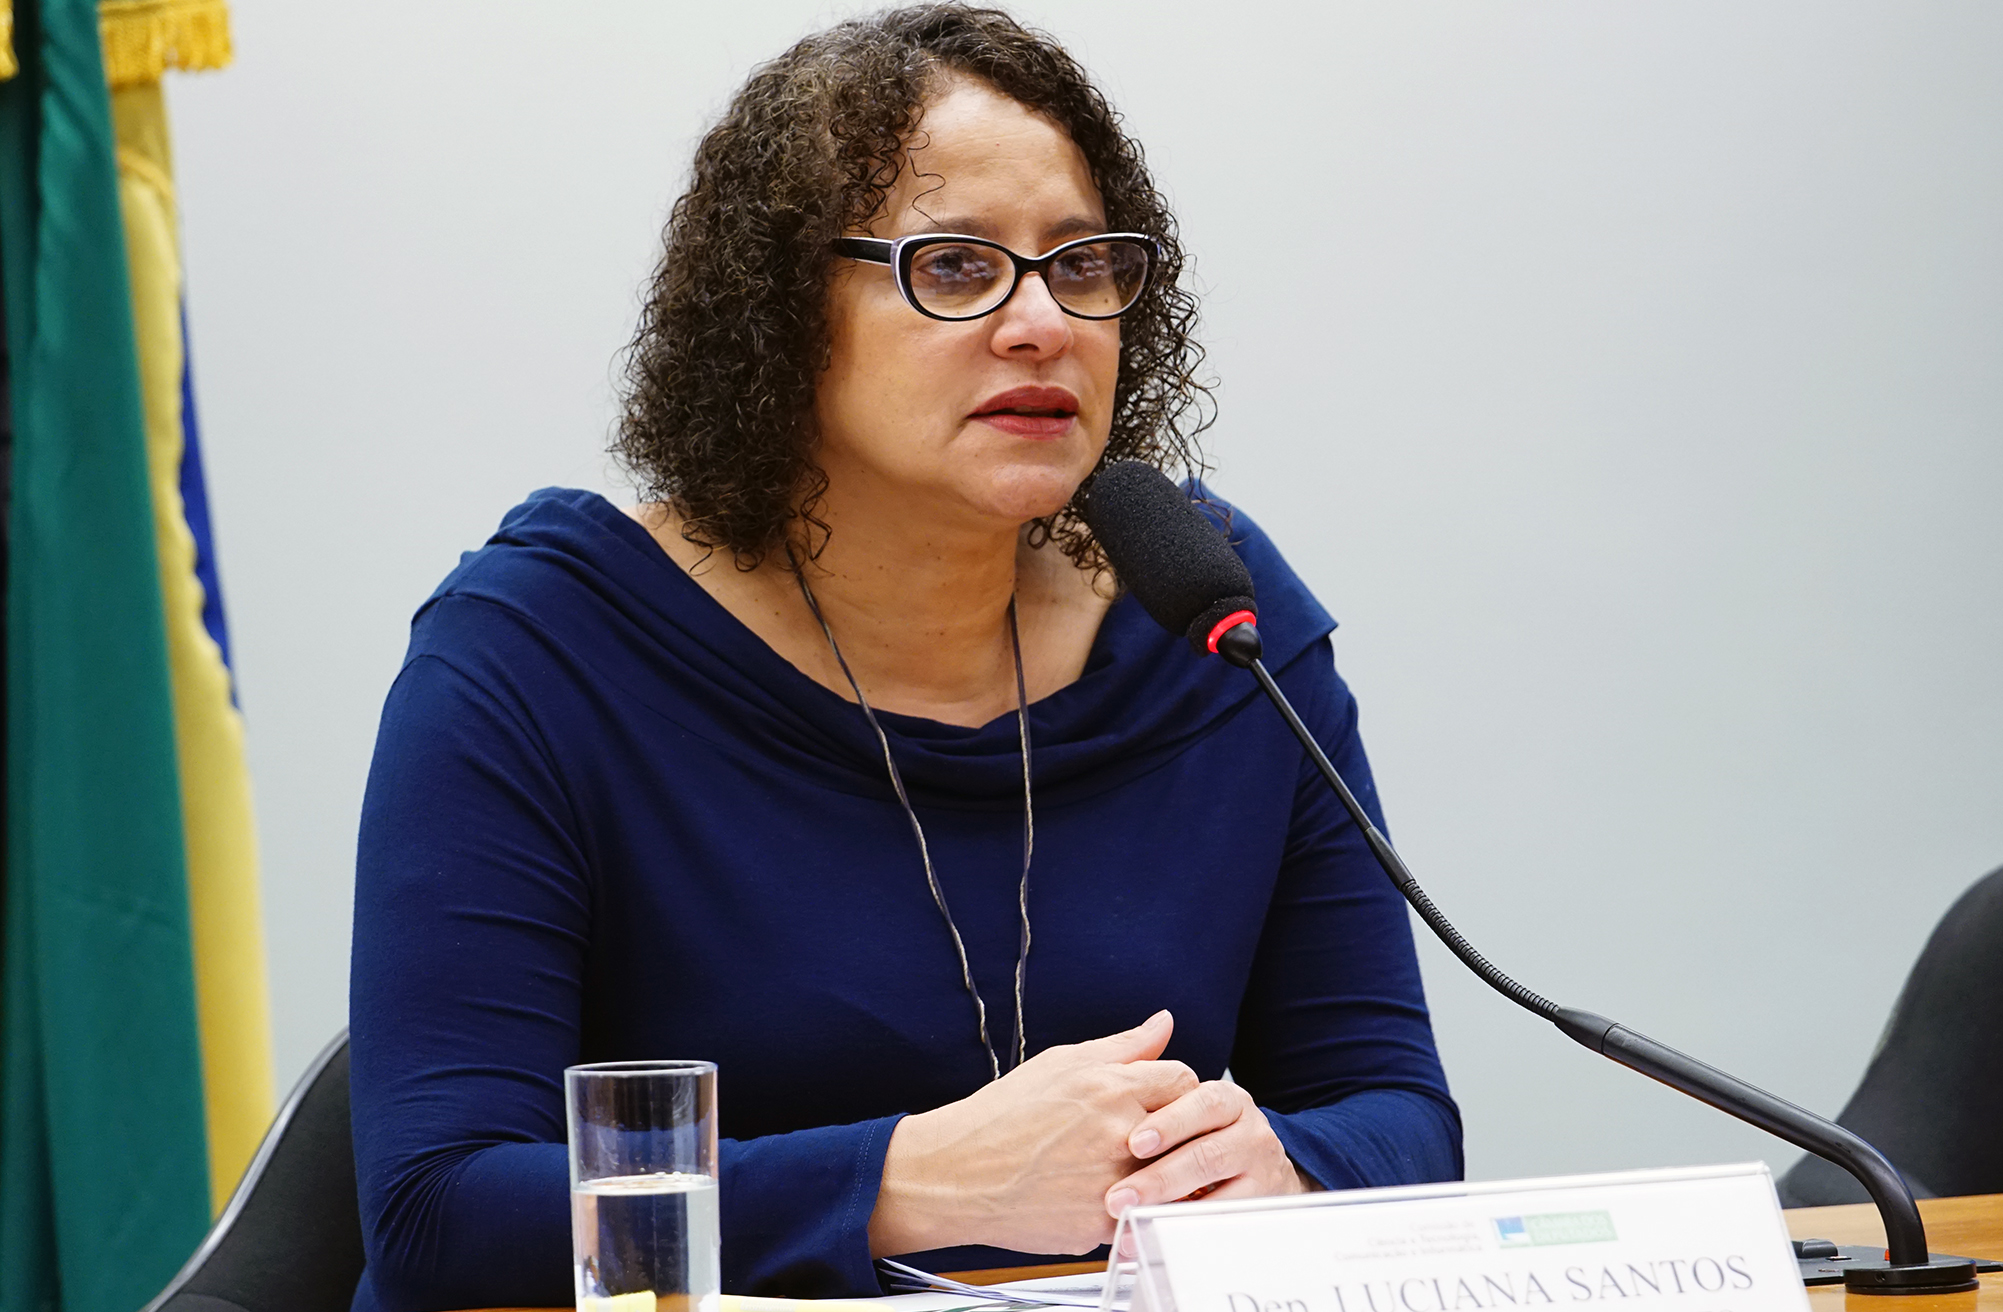 Audiência pública para Debate sobre medidas decorrentes do painel da Organização Mundial do Comércio (OMC) relativo às disputas nºs 472 e 479, que condenou políticas industriais e tecnológicas brasileiras. Dep. Luciana Santos (PCdoB - PE)